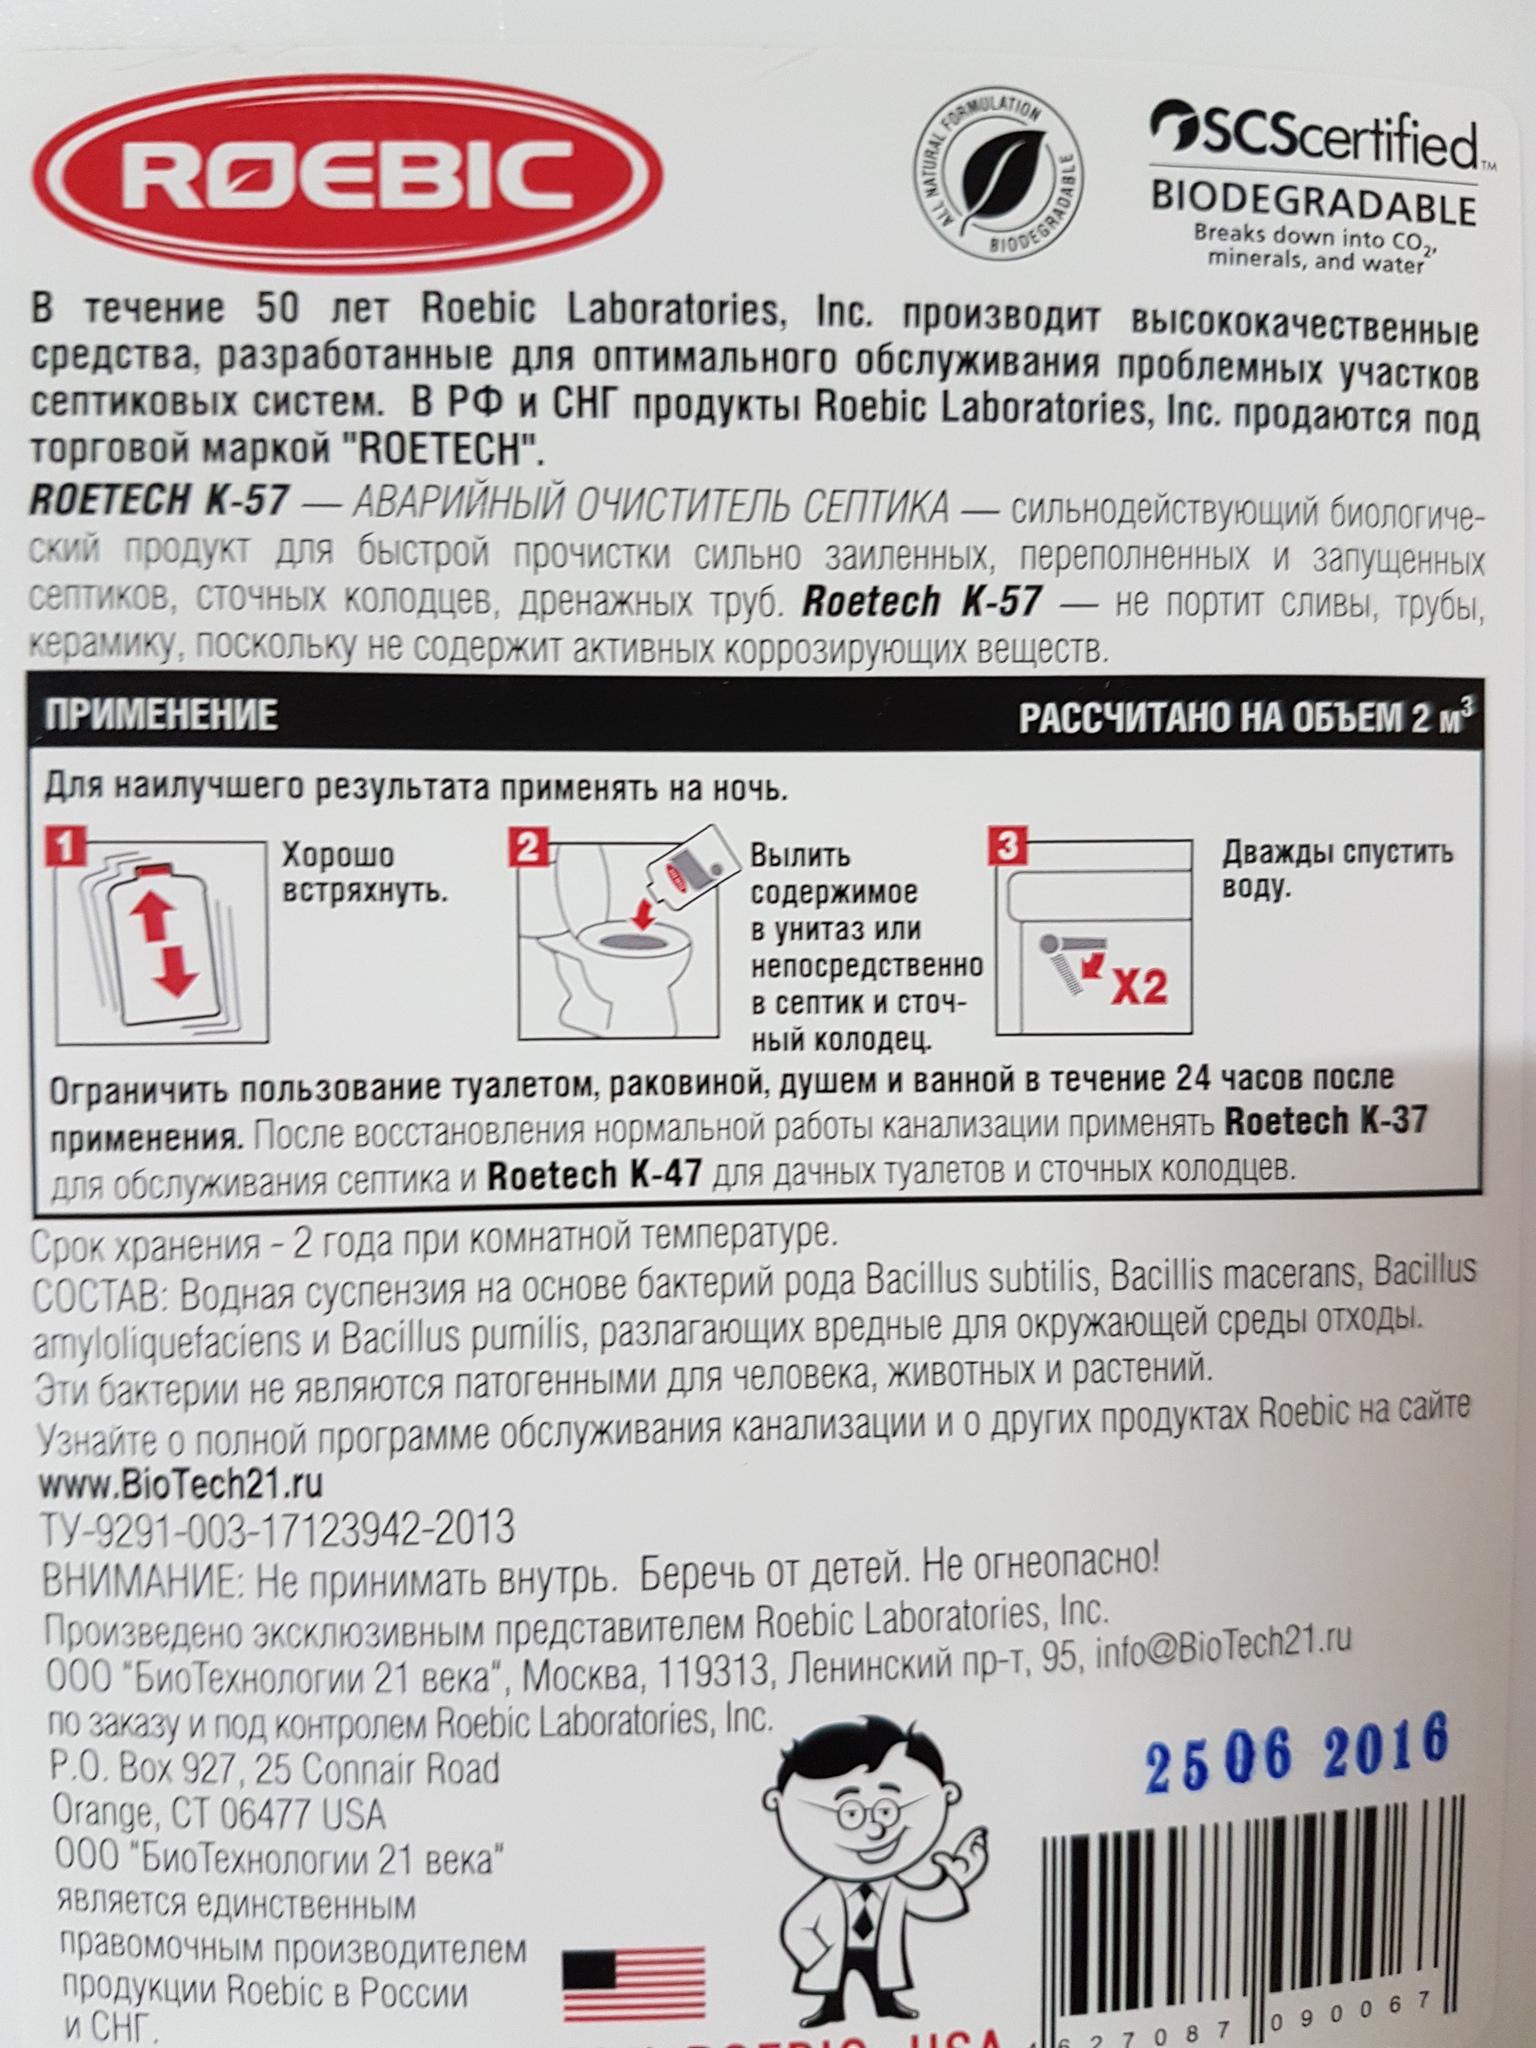 Описание Rоetech-К-57